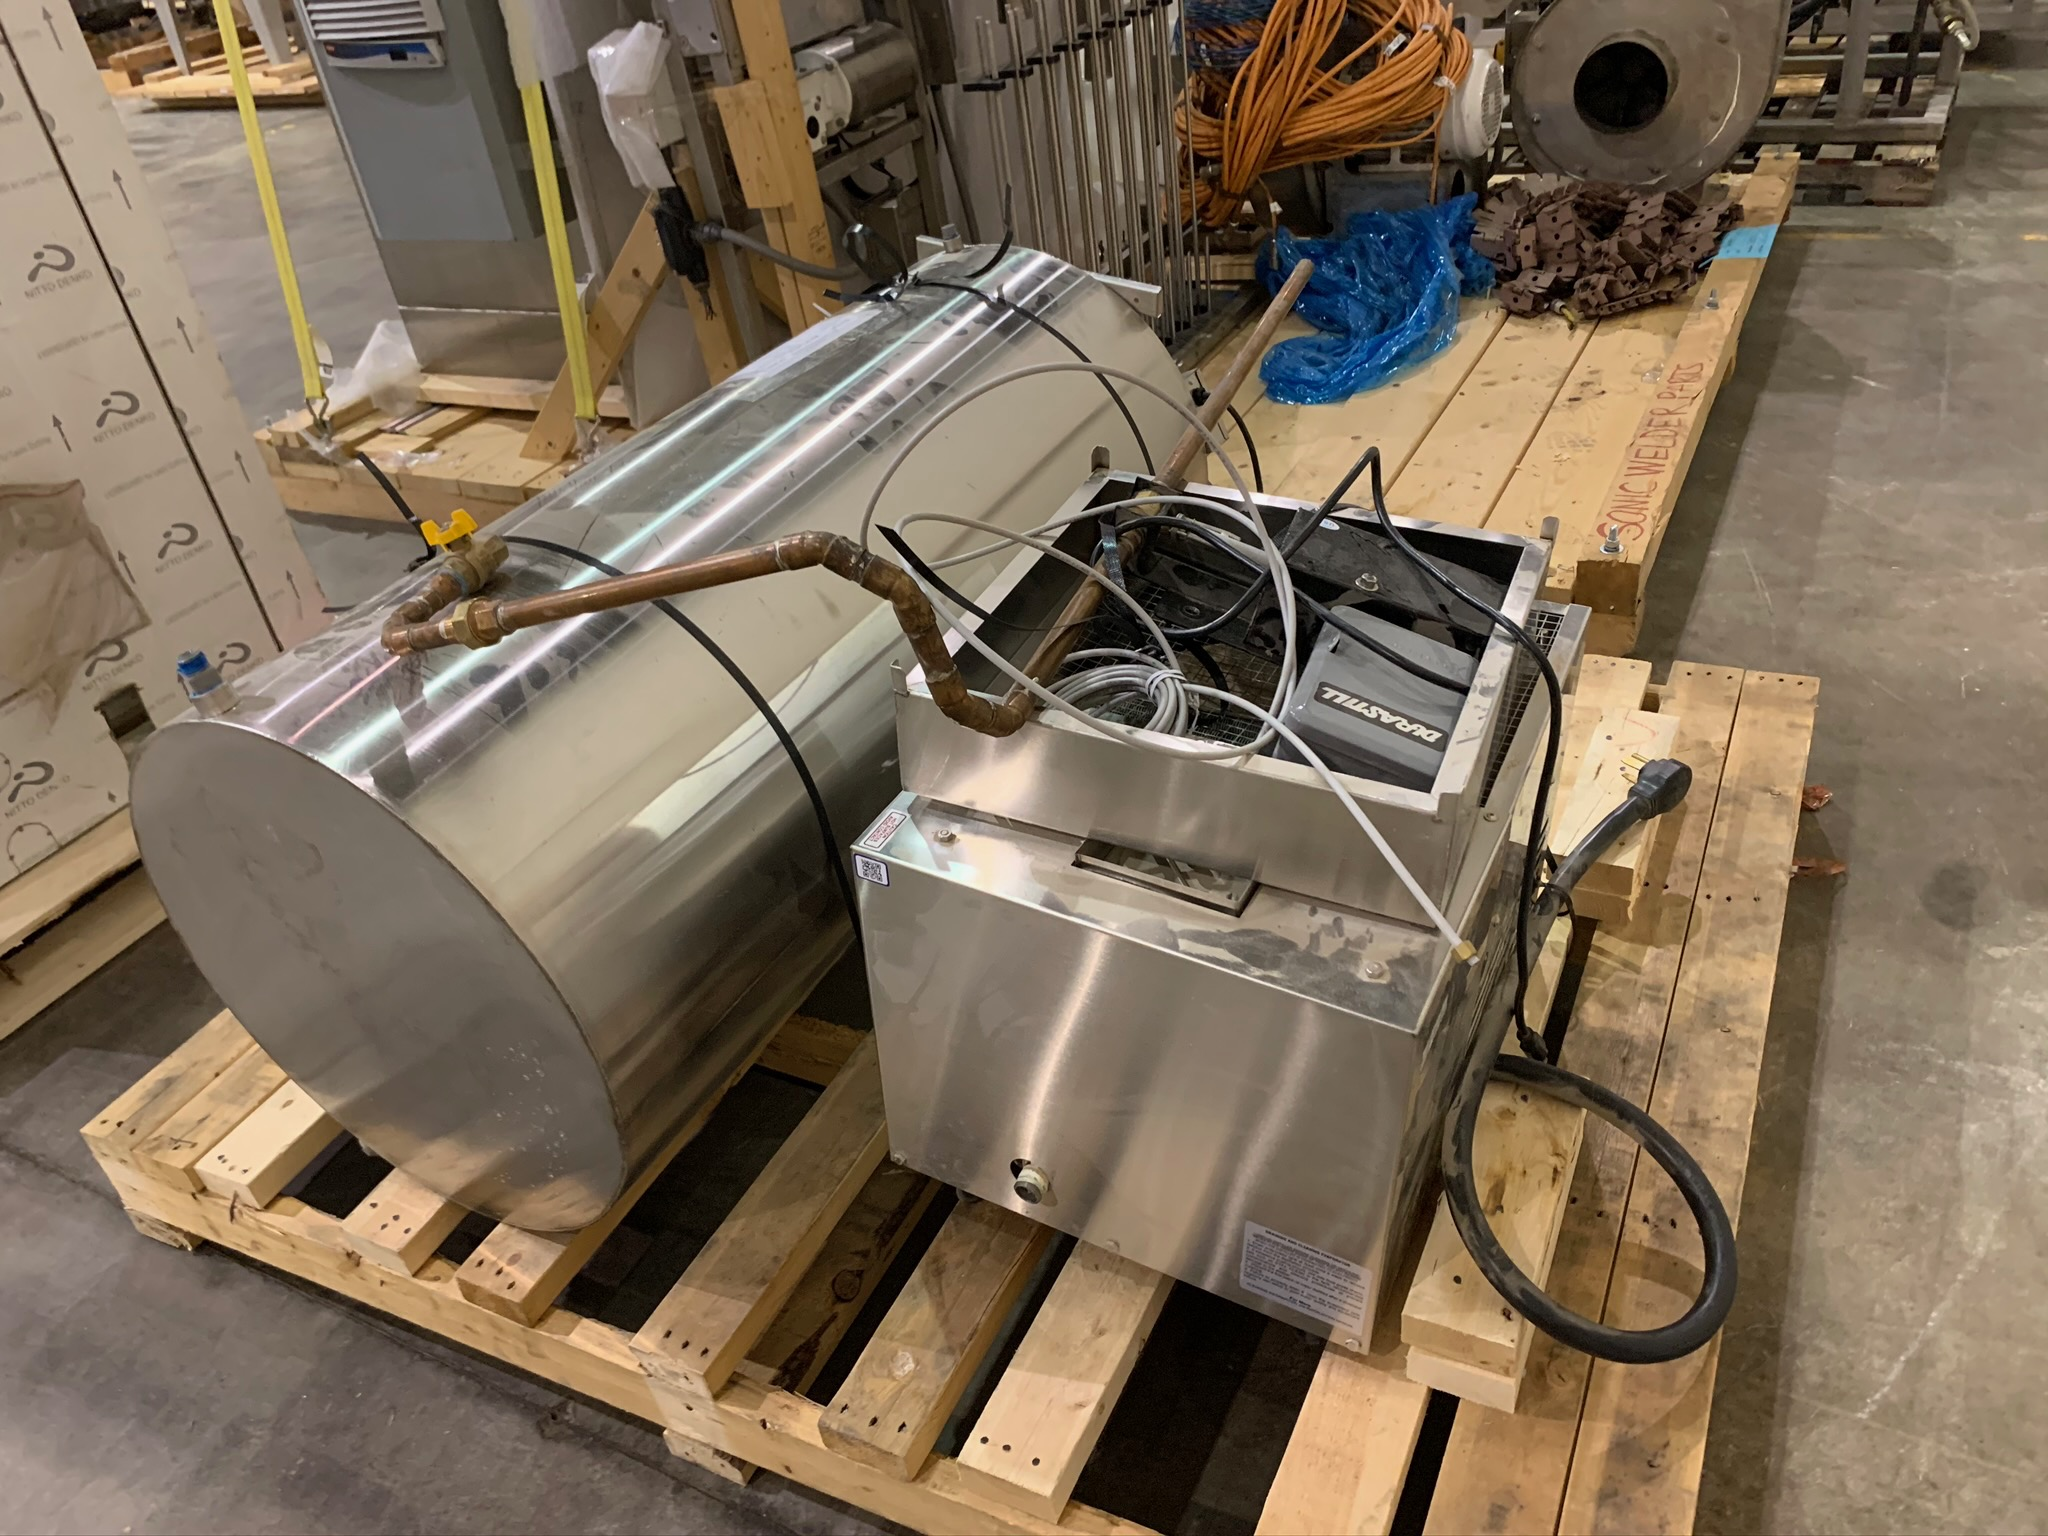 Lot 36 - Durastill Water Distiller Model 42CJ14 S/N 100699 (Rigging Fee - $75)